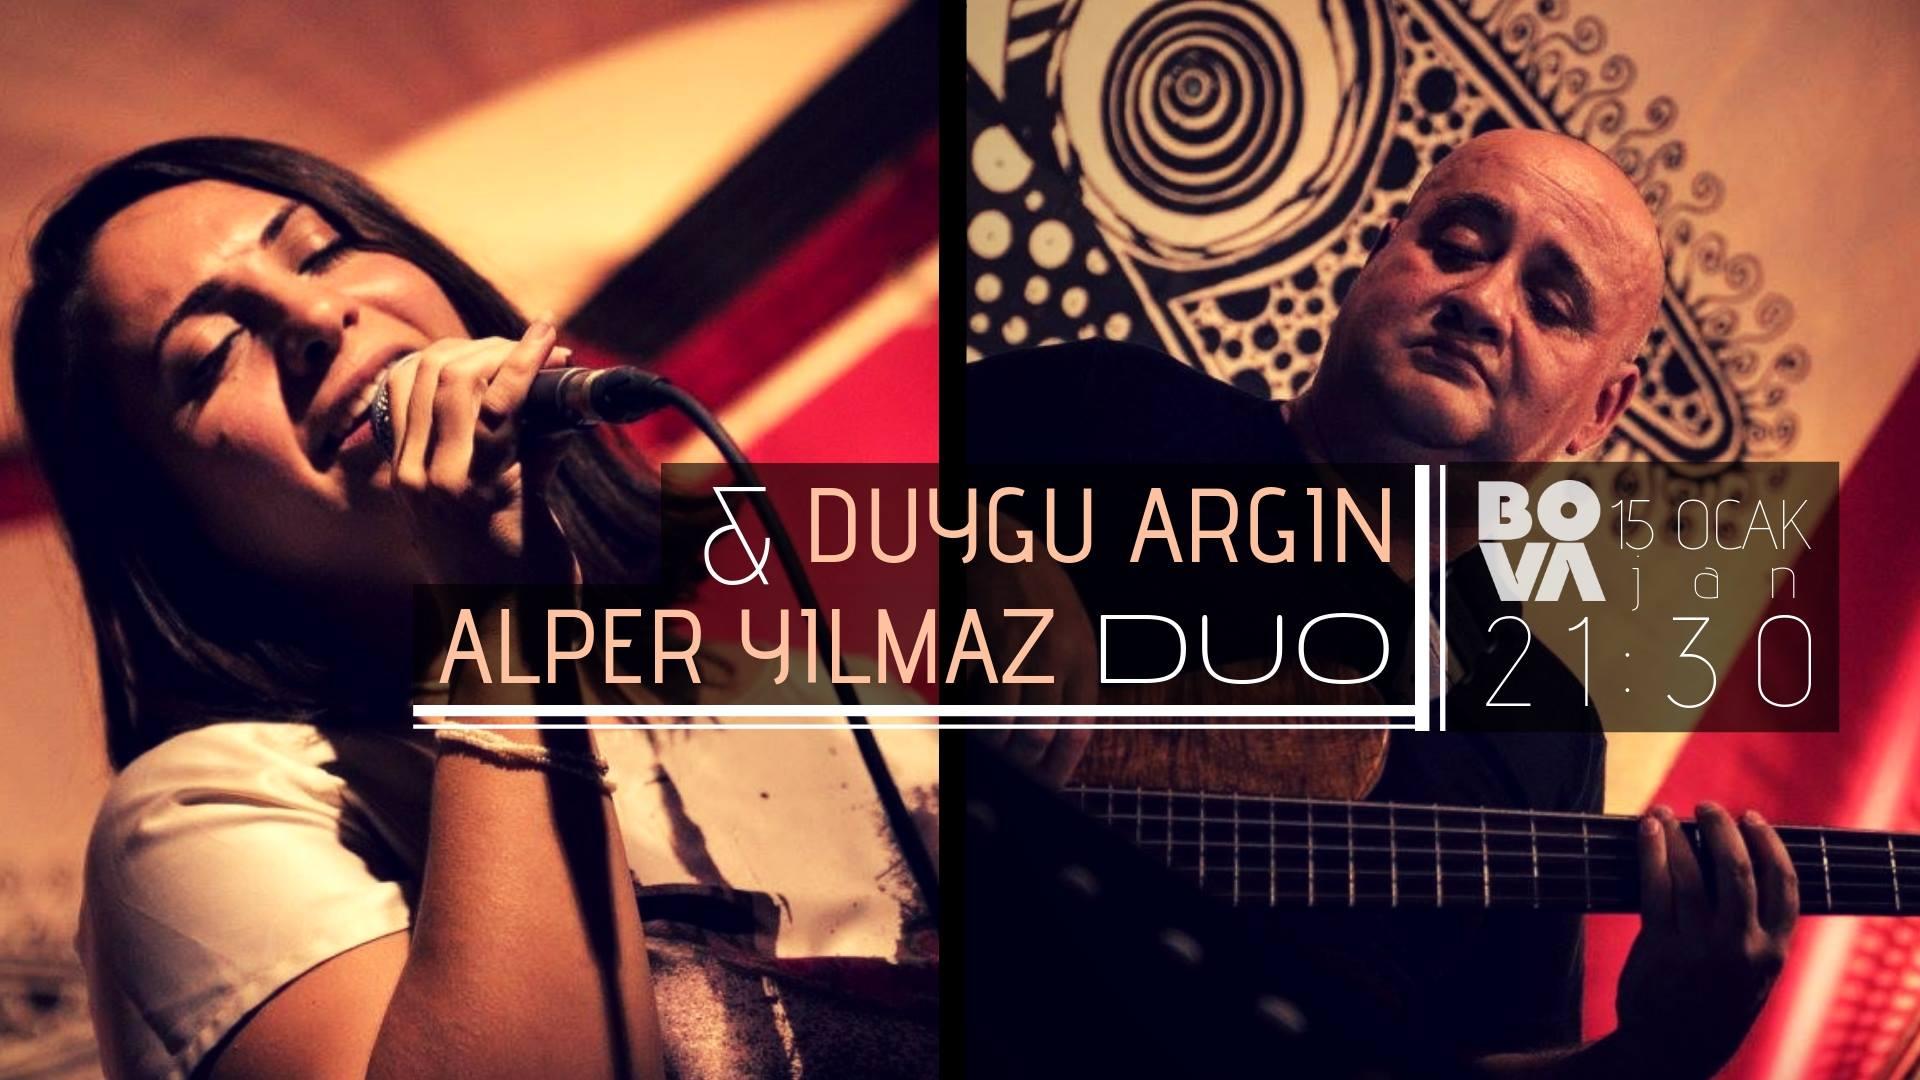 Duygu Argın & Alper Yılmaz Duo